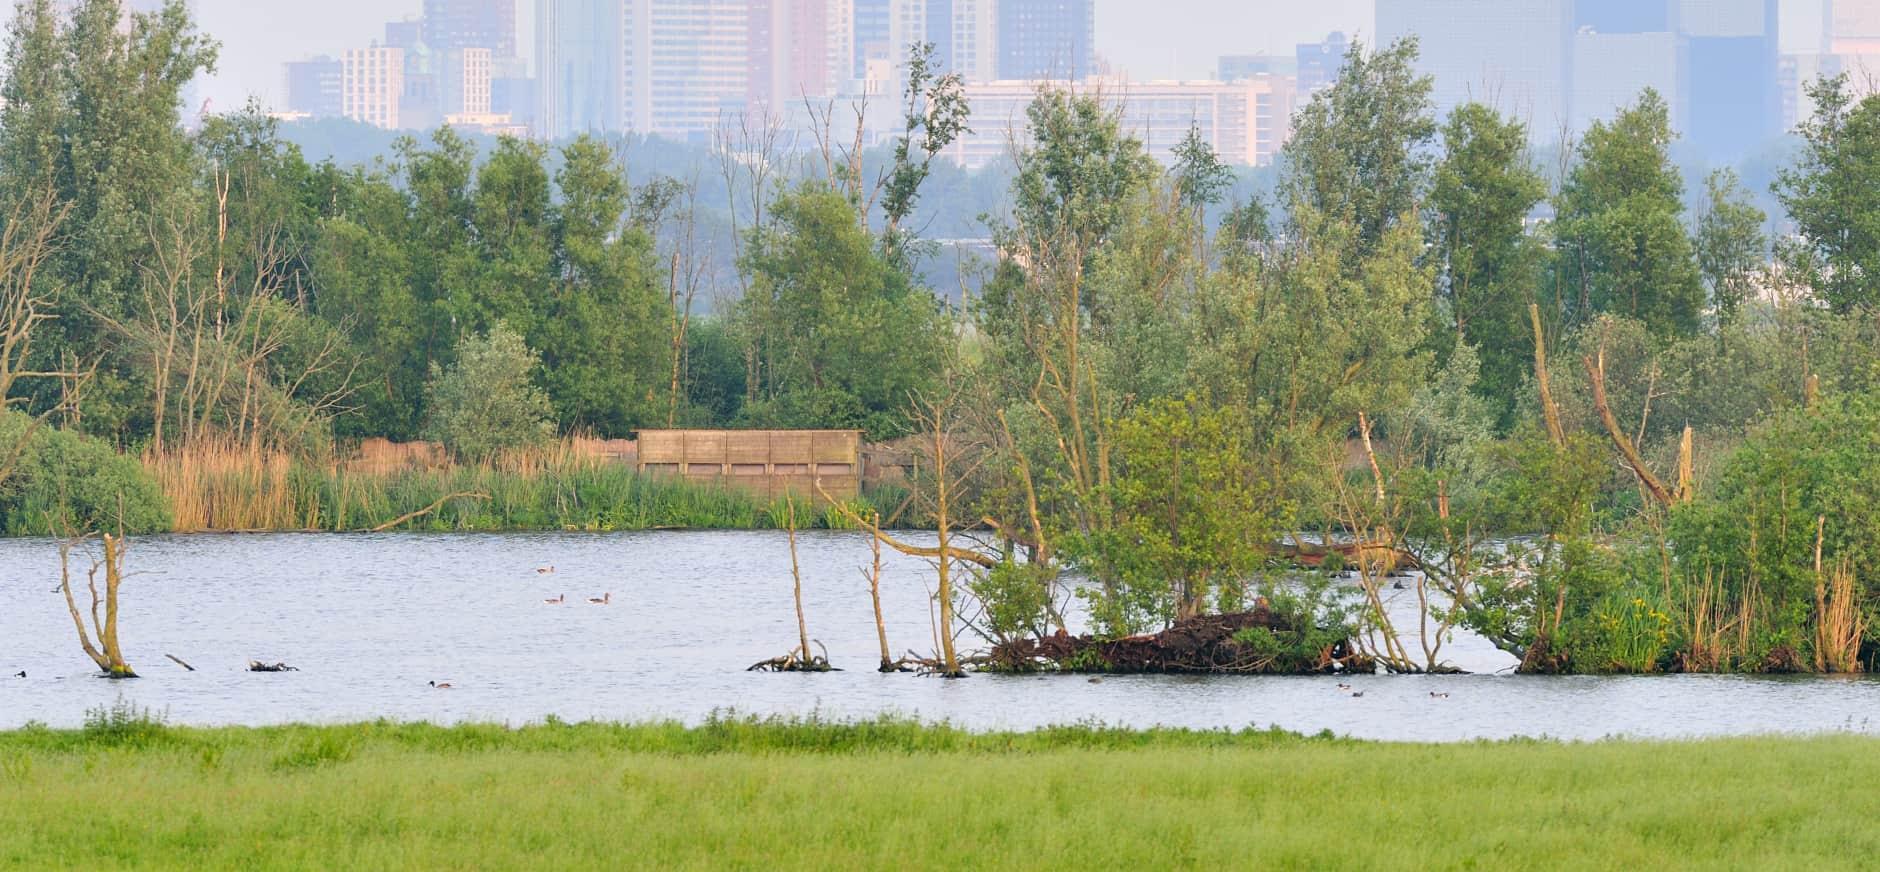 Ackerdijkse plassen met uitzicht op Rotterdam